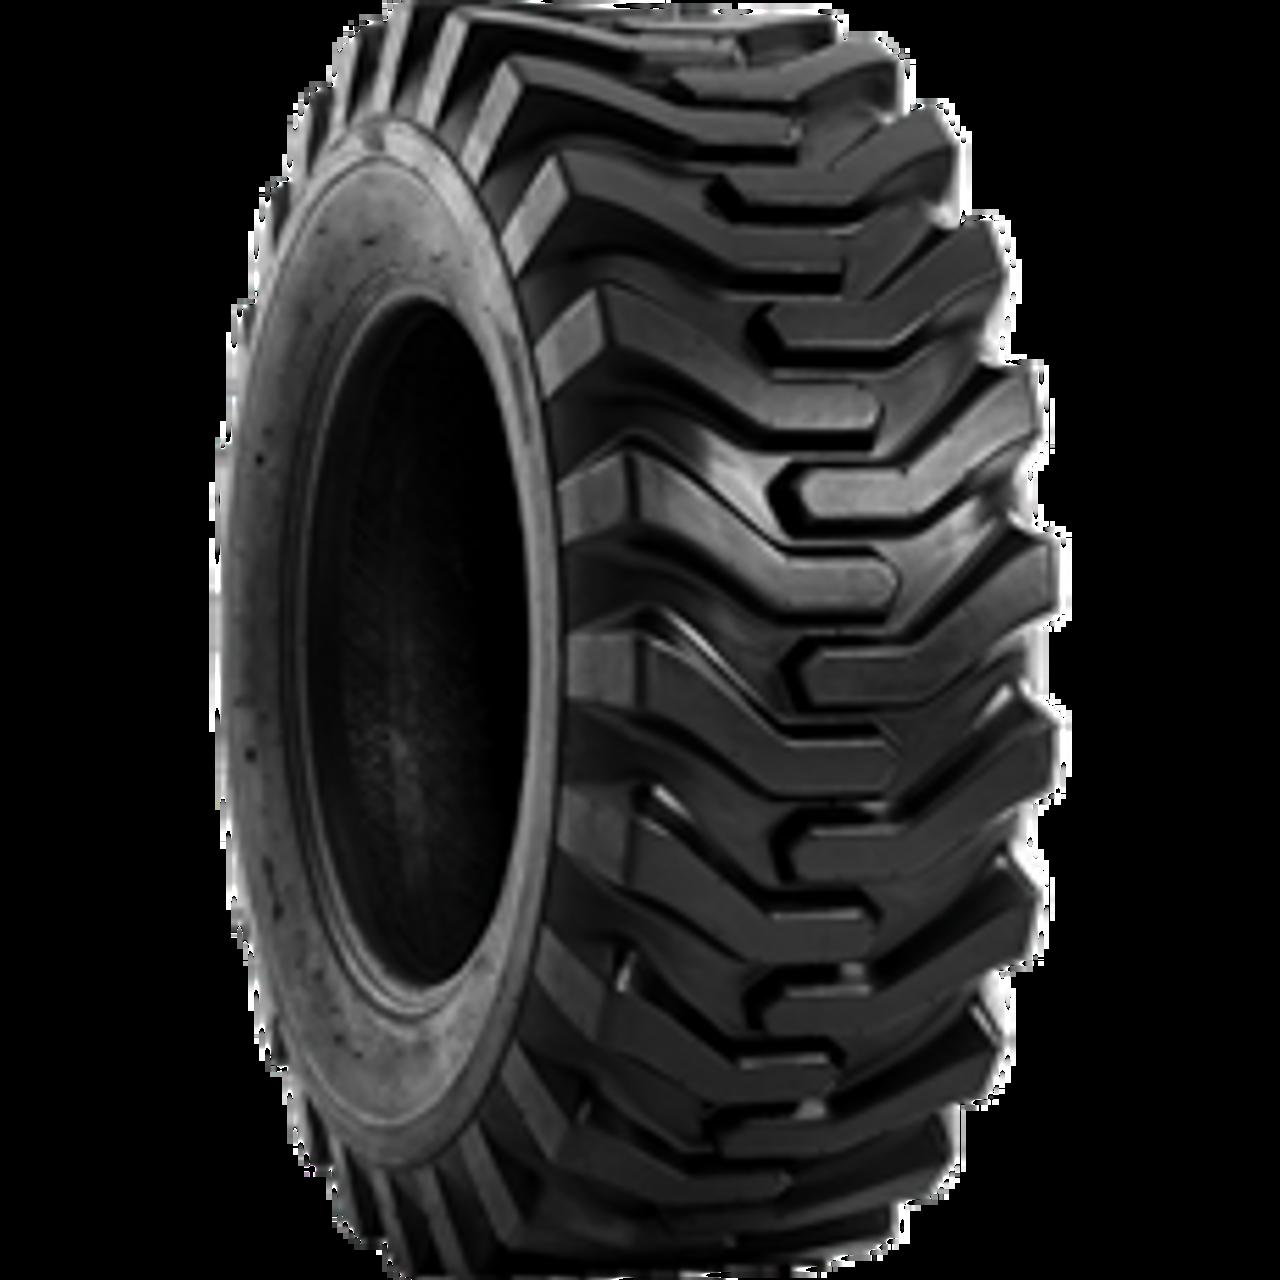 New Tire 12 16.5 Hercules Gripper Skid Steer 12x16.5 10 Ply TL ATD